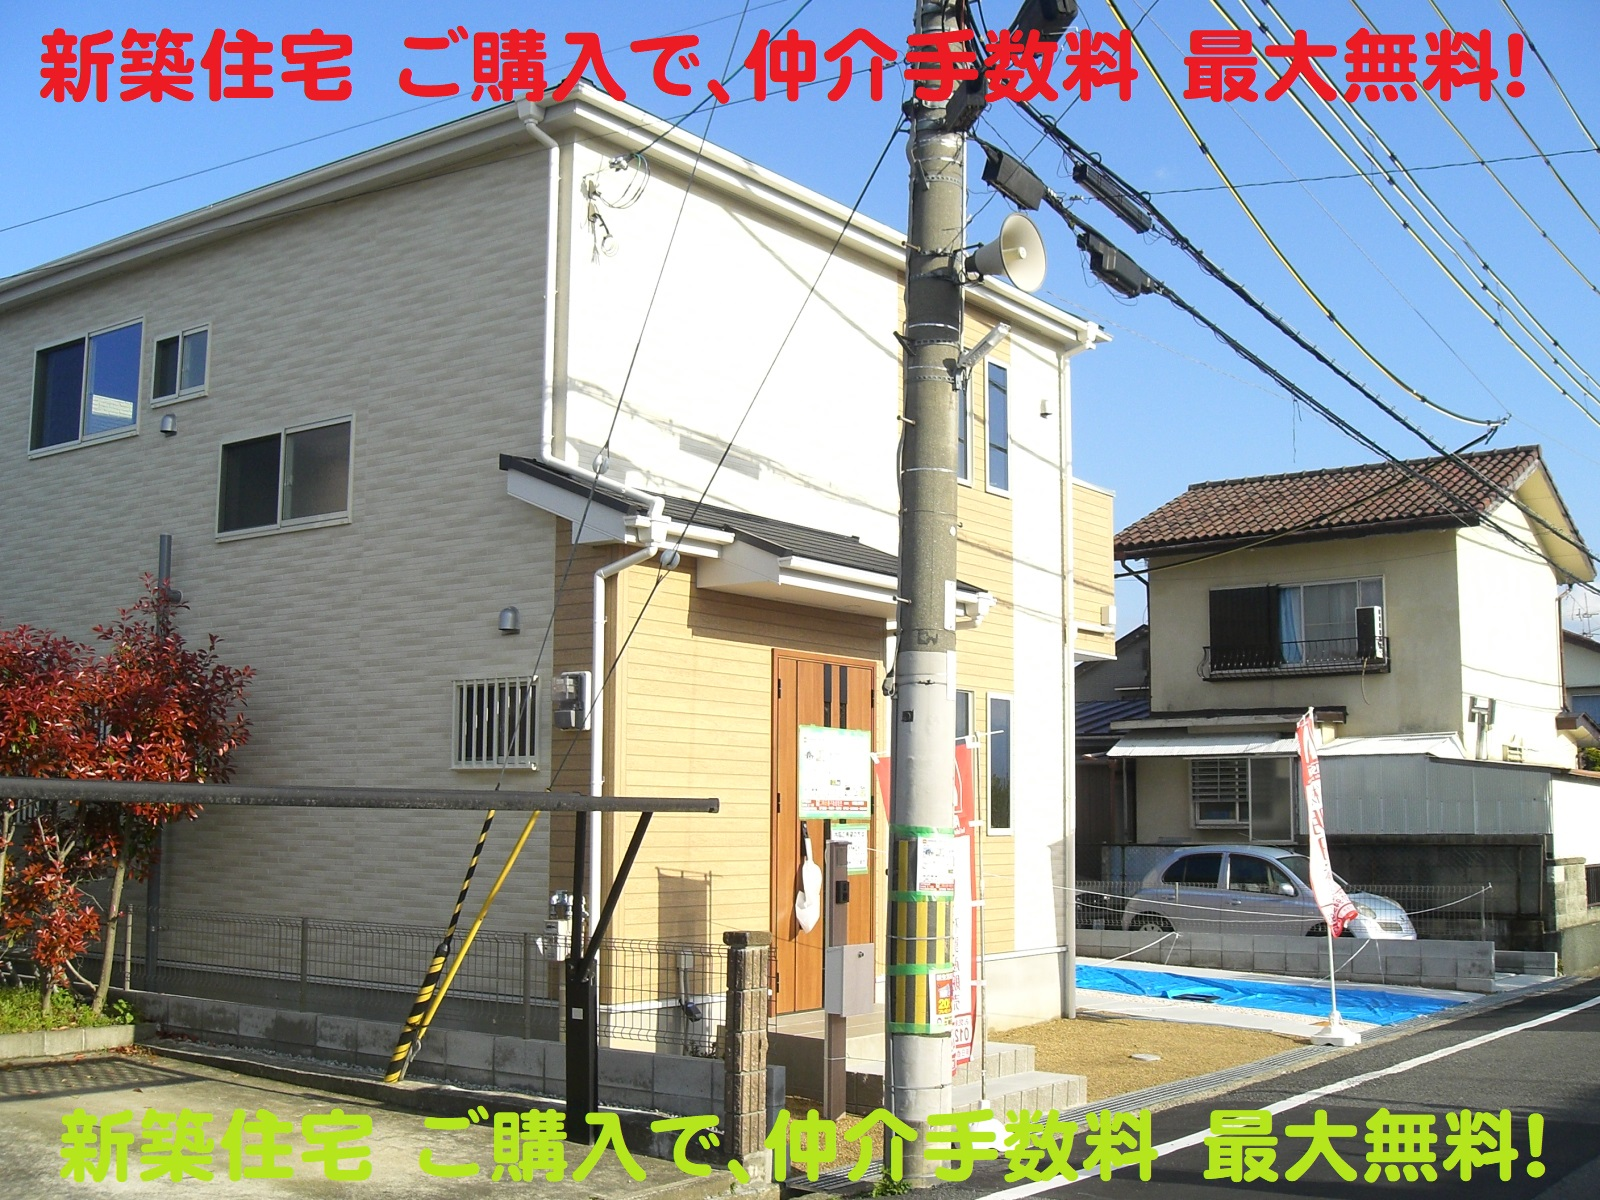 田原本町 八尾 新築 限定1棟 建物 販売 ファースト住建 一建設 好評分譲中